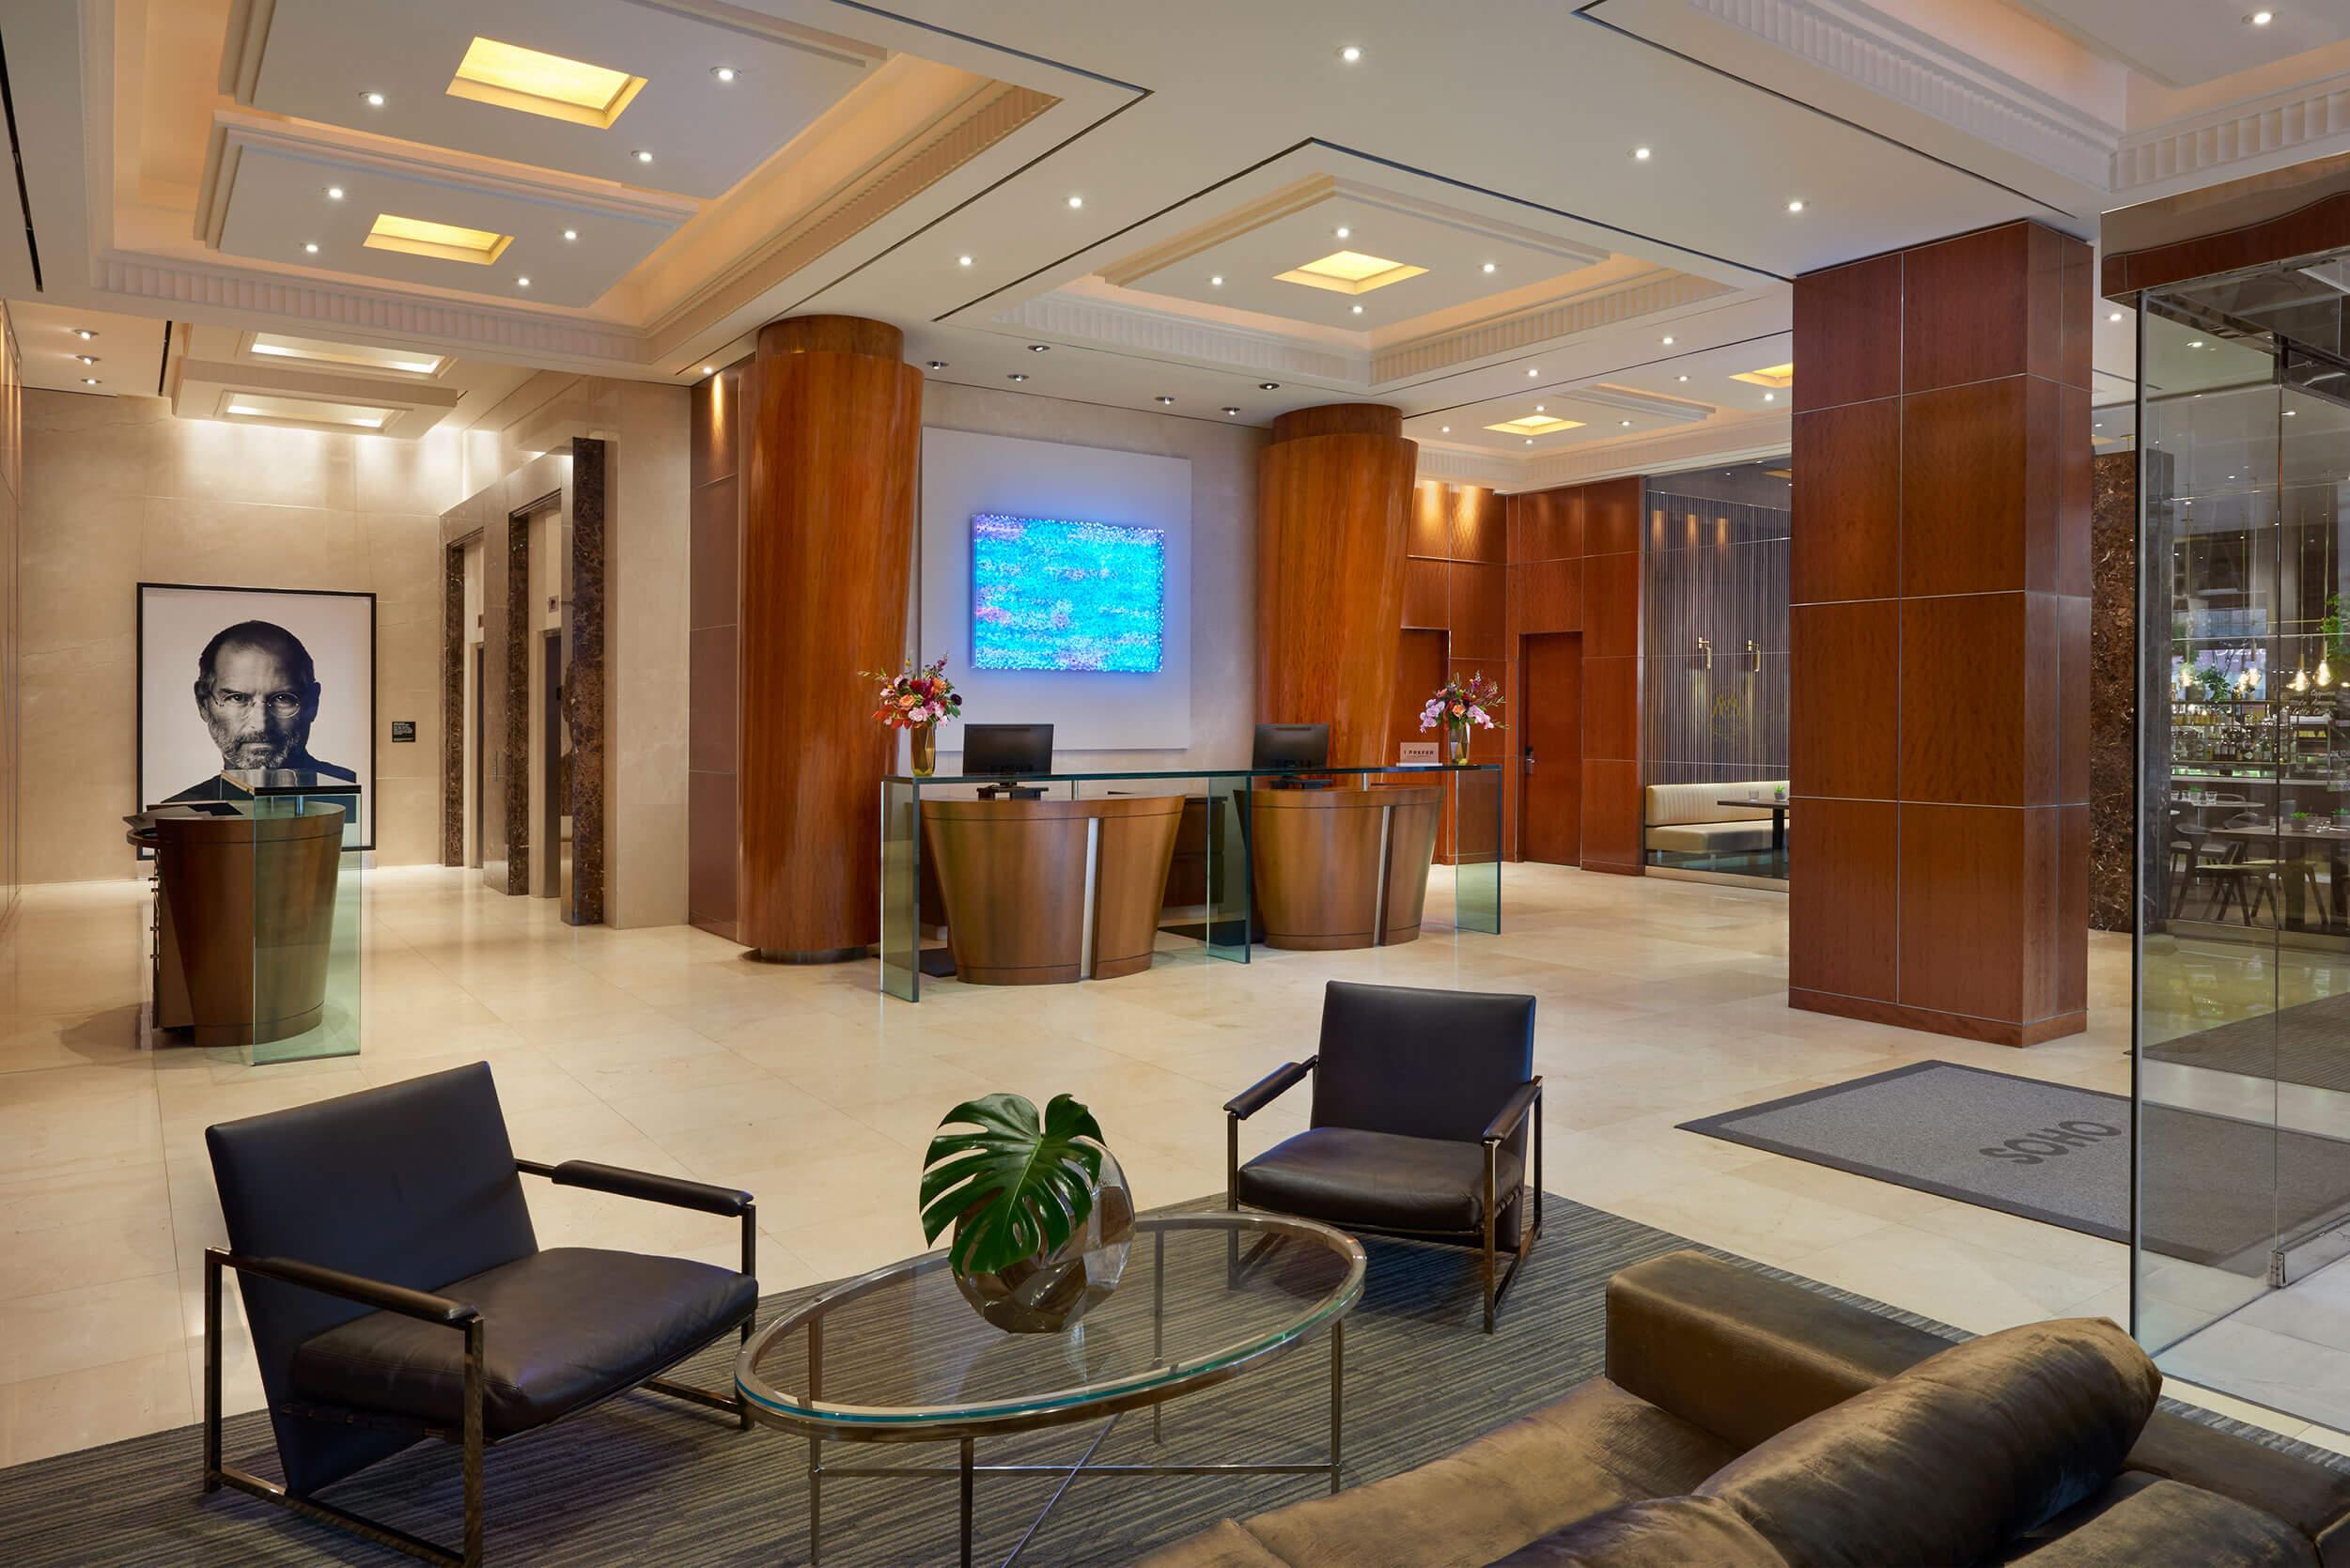 Lobby at The SoHo Hotel